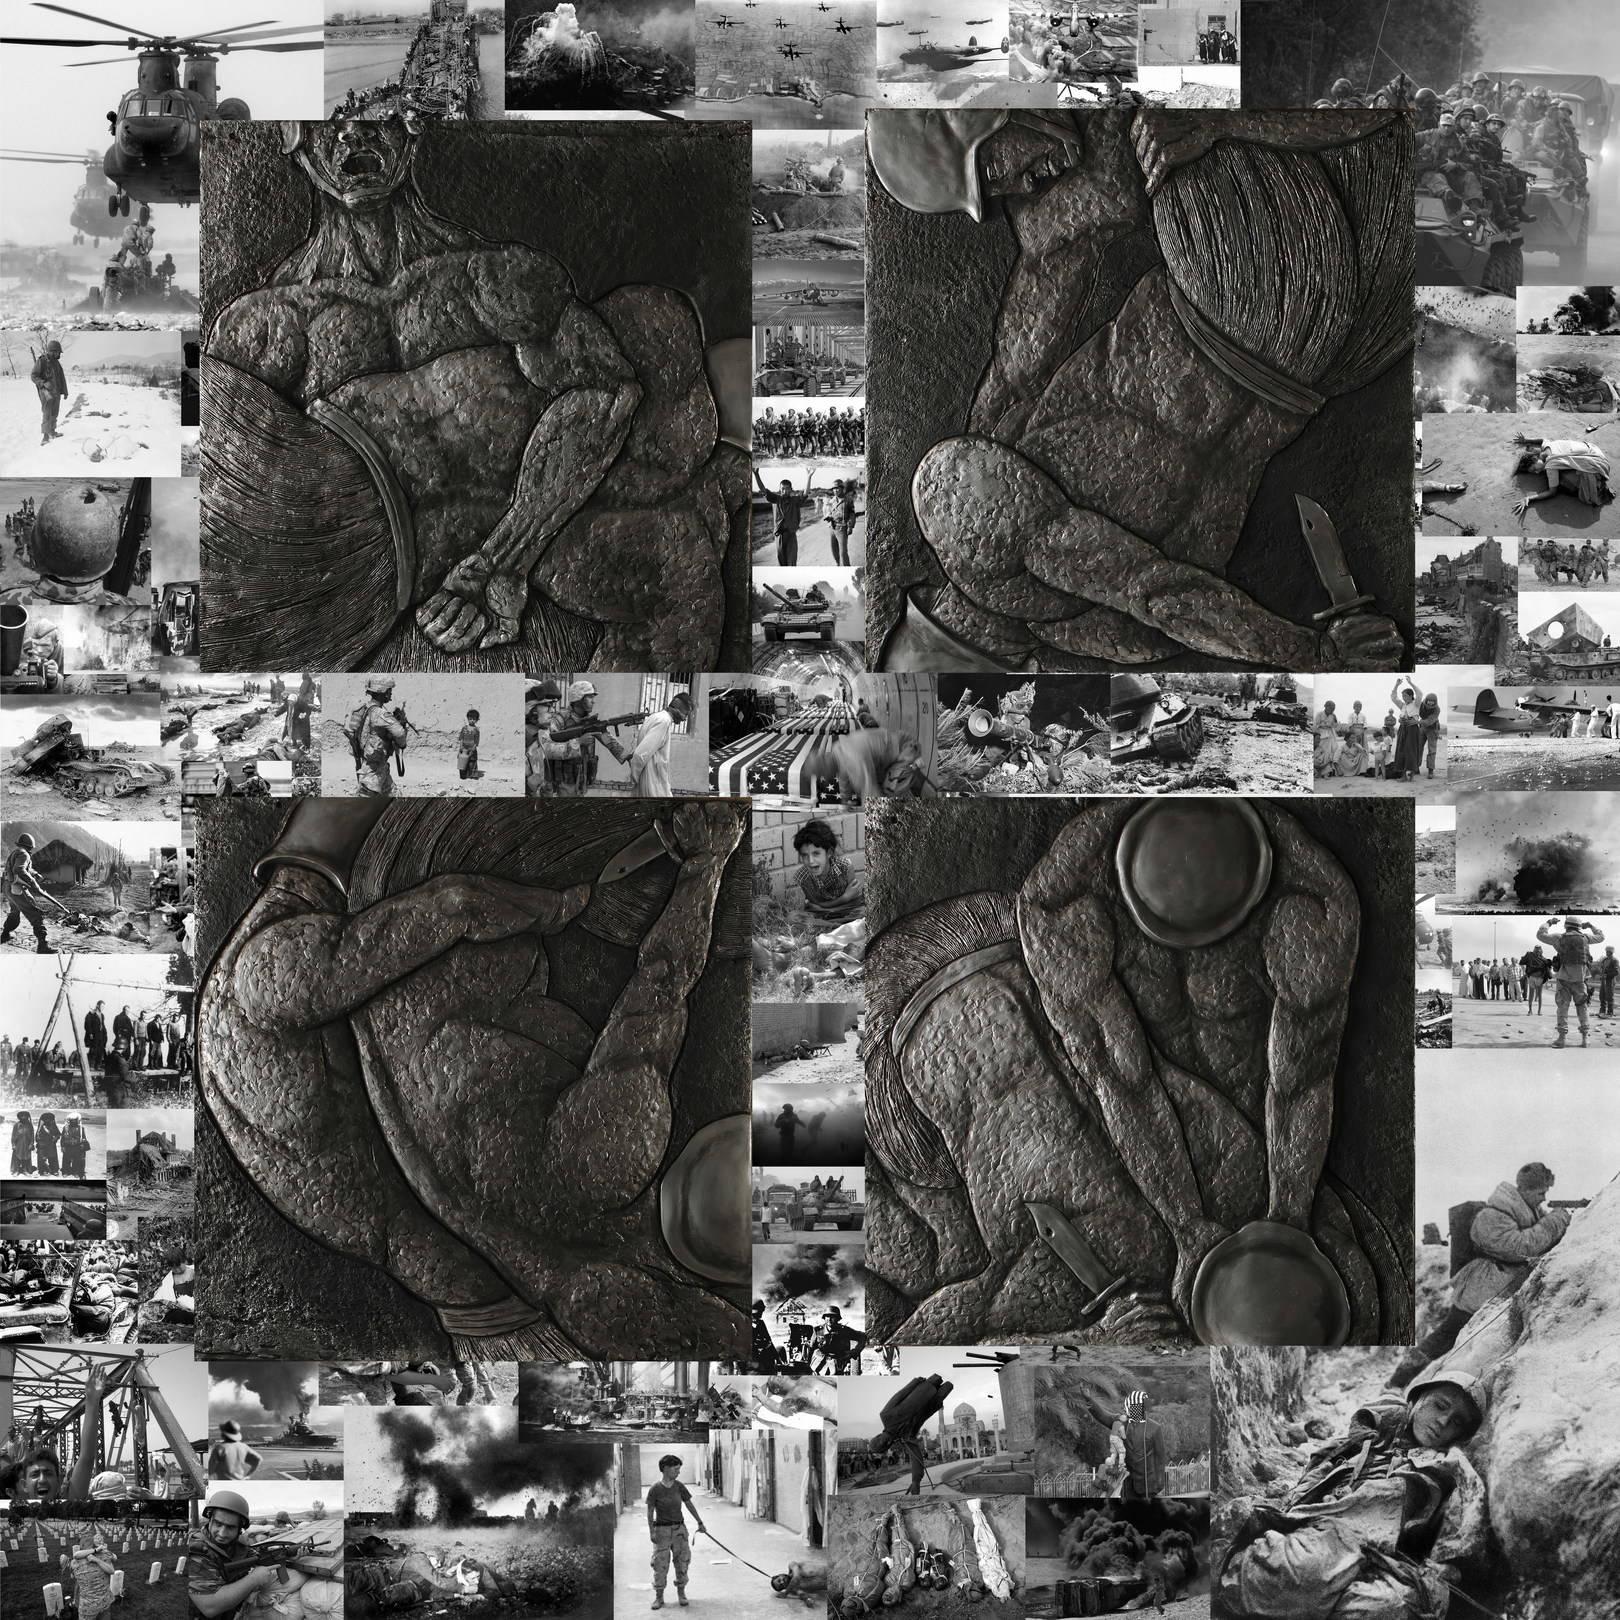 """""""КАИН И АВЕЛЬ. ВОЙНА"""". Бронза/// """"CAIN AND ABEL. WAR"""". Bronze."""